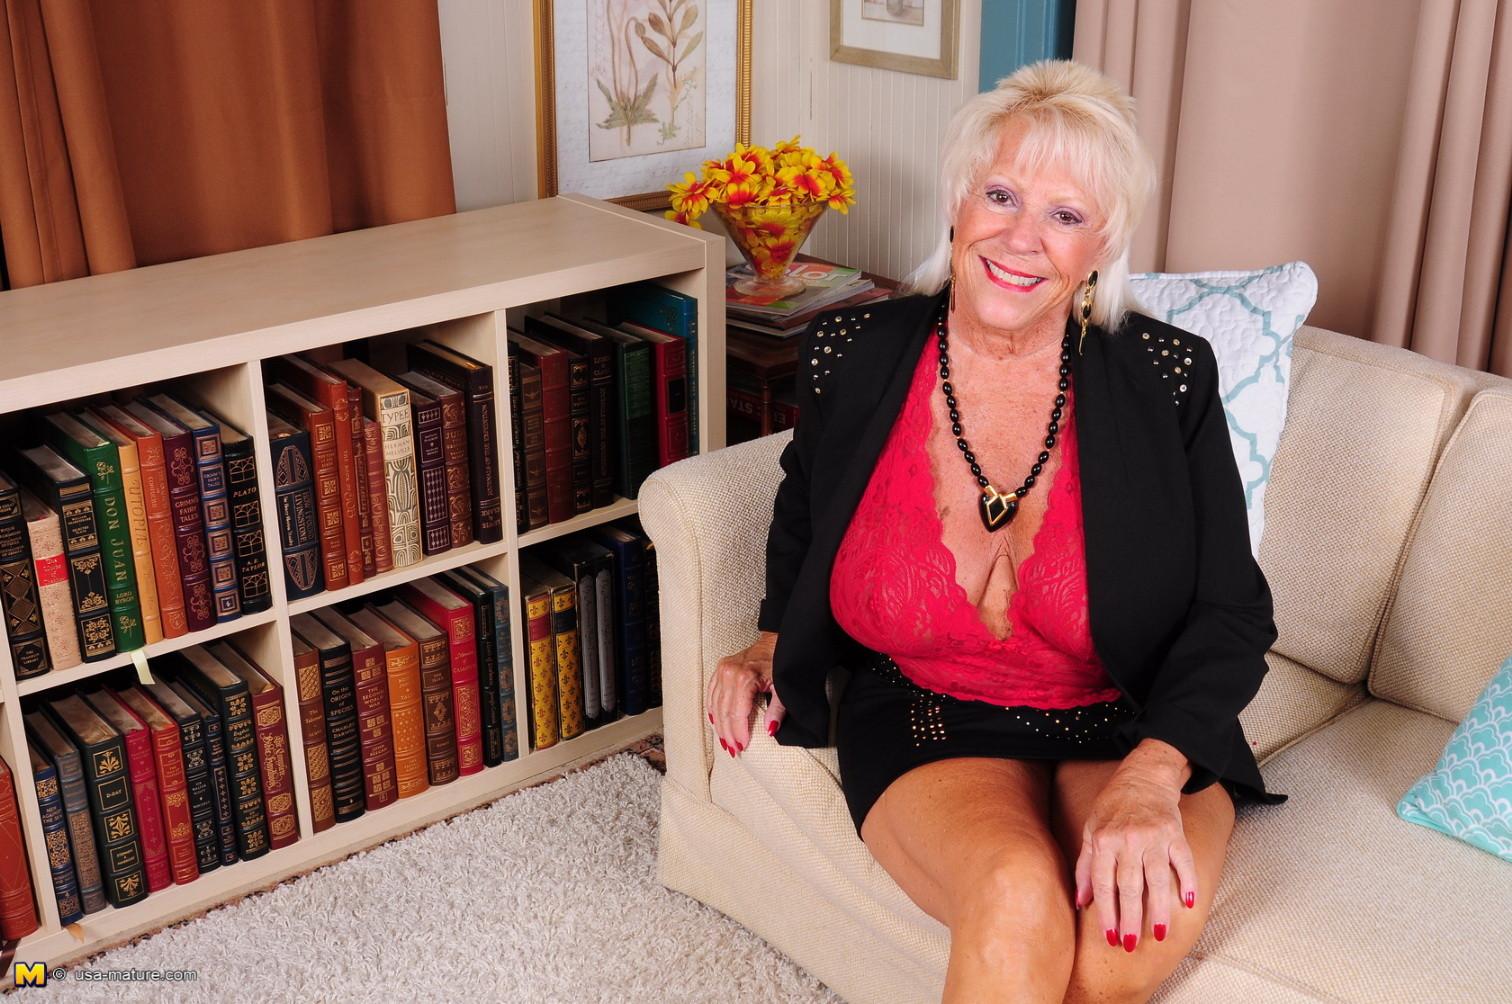 Зрелая американская леди показывает свою большую грудь и светит своими стопами с маникюром